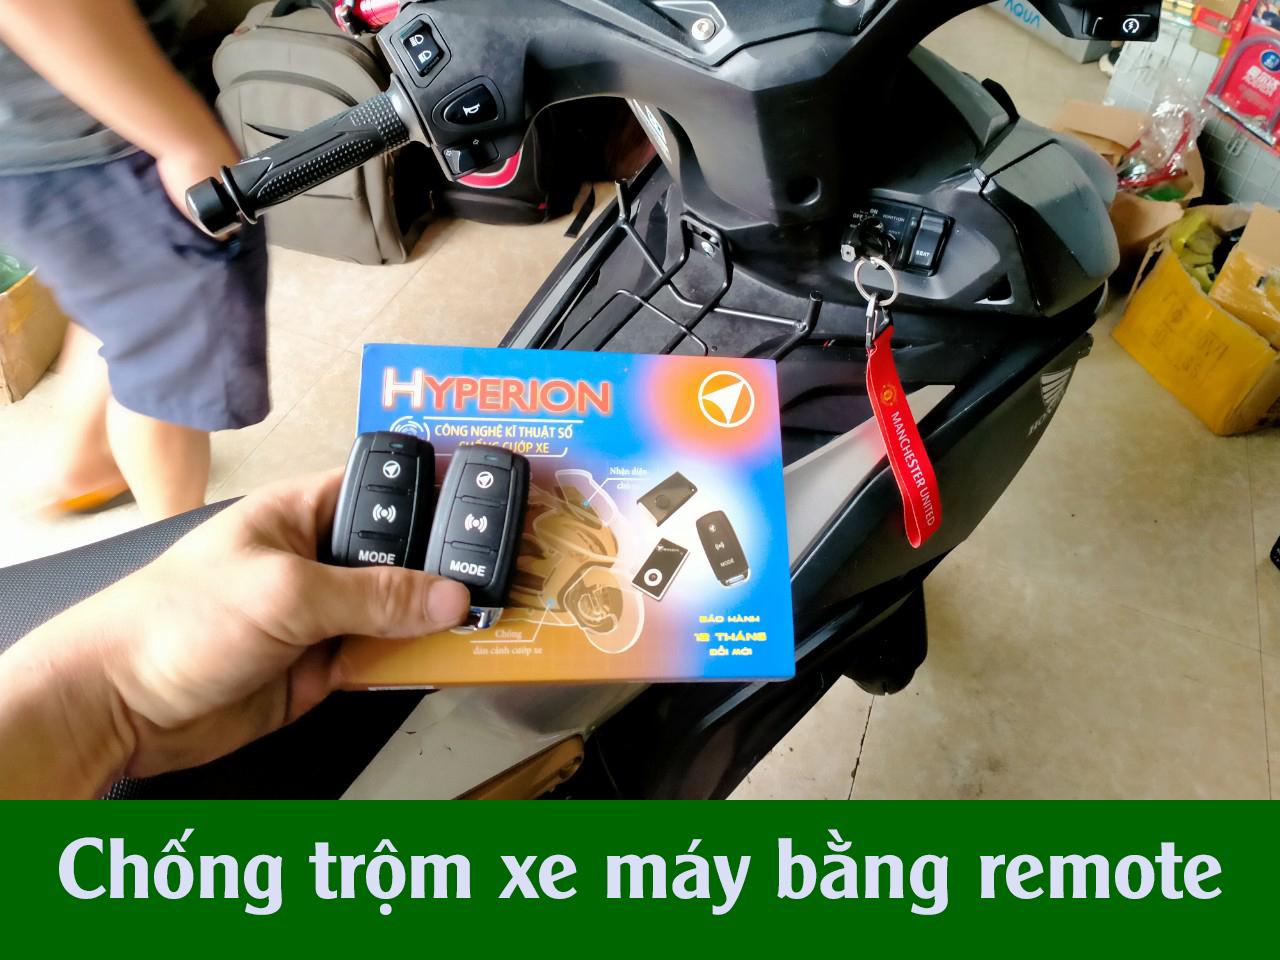 Chống trộm xe máy bằng remote - Chống trộm xe máy tại hà nội